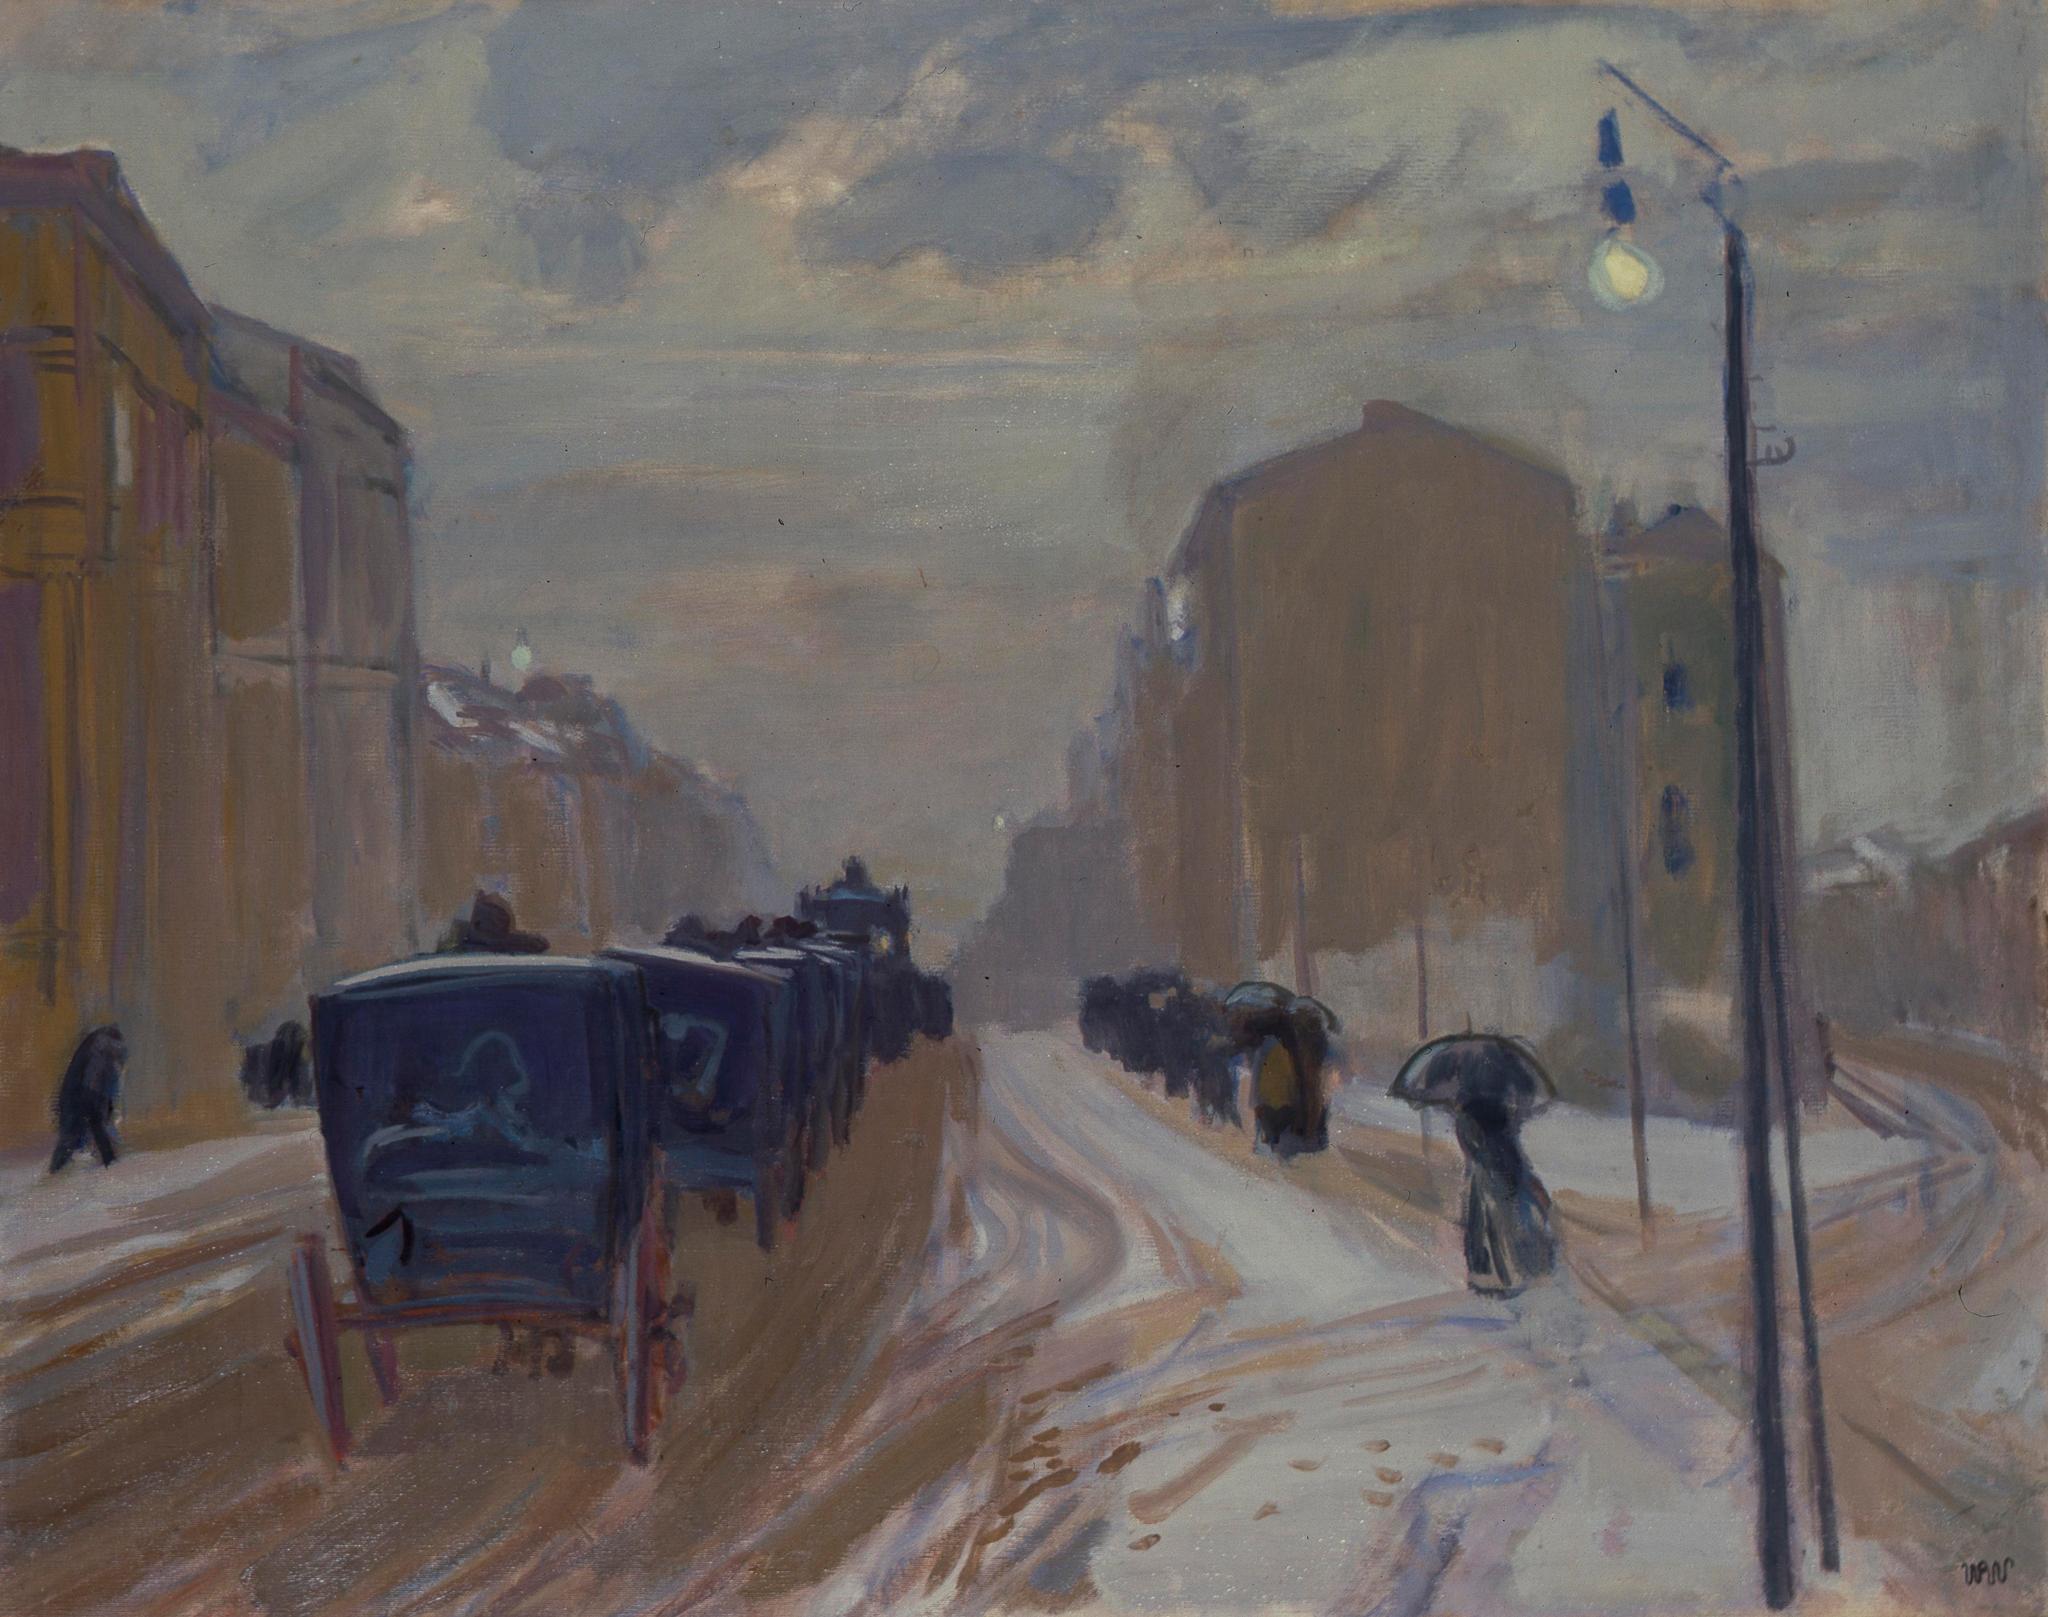 """Wojciech Weiss """"Pogrzeb w mieście"""", 1904 rok, źródło: Fundacja Wojciecha Weissa"""